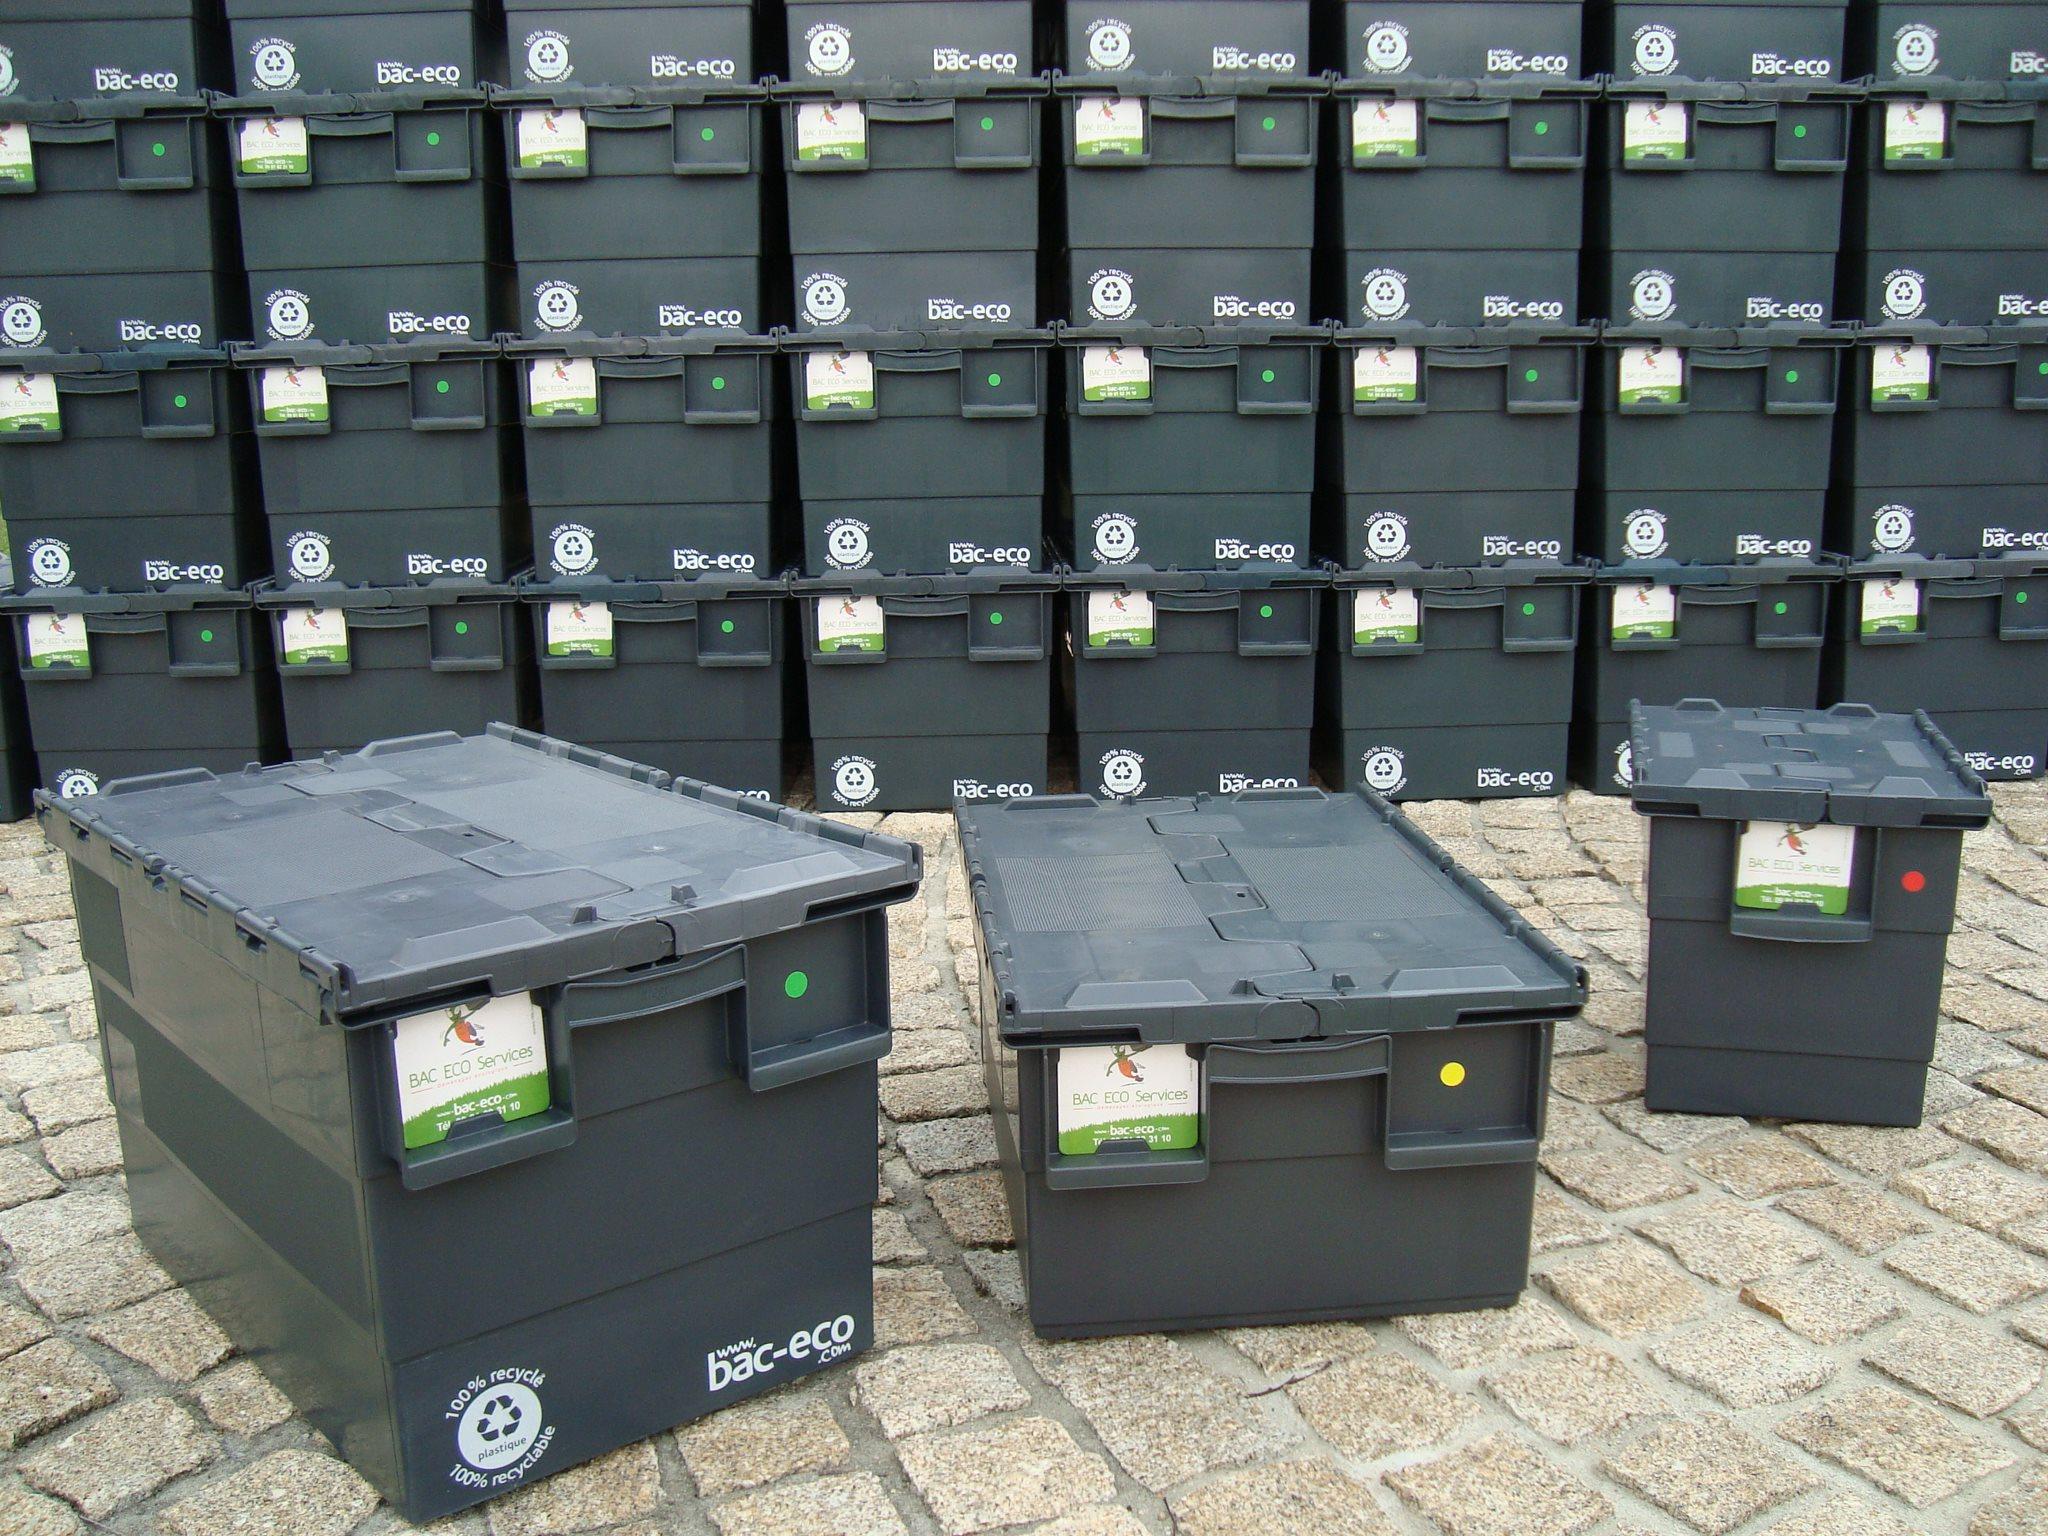 FretBay déménagement transport déménager écologie